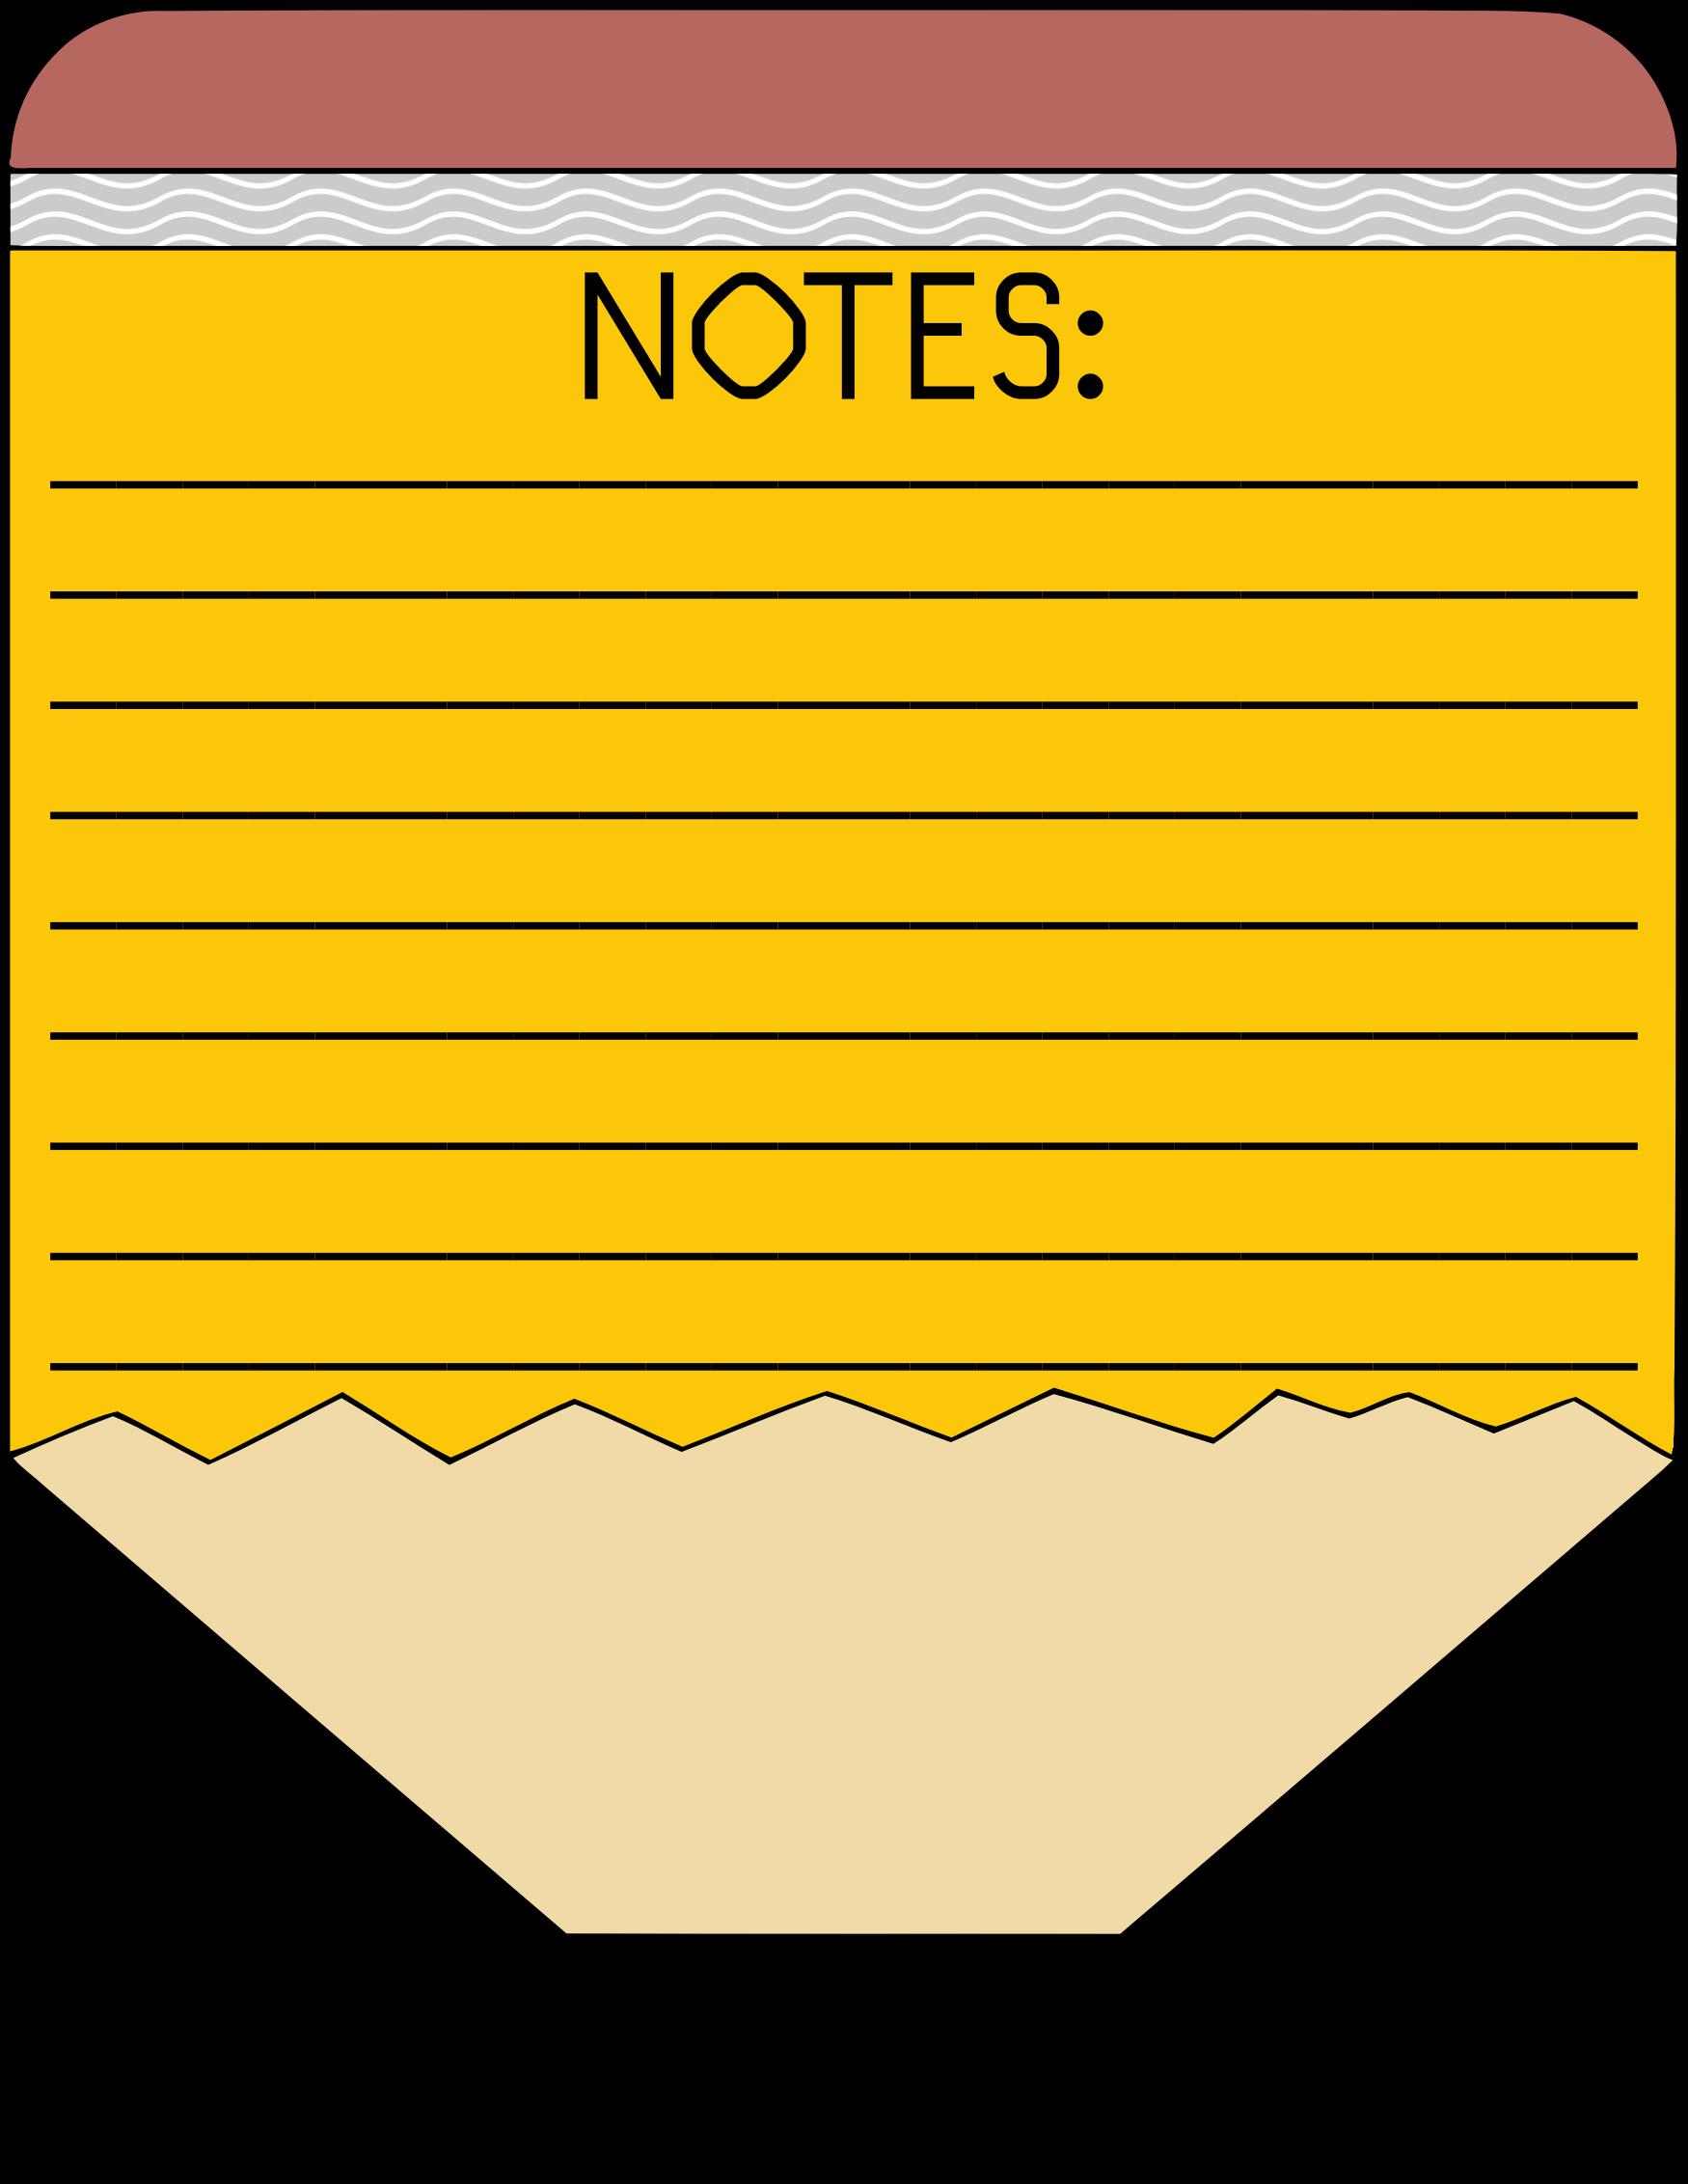 Clipart - Pencil Notes